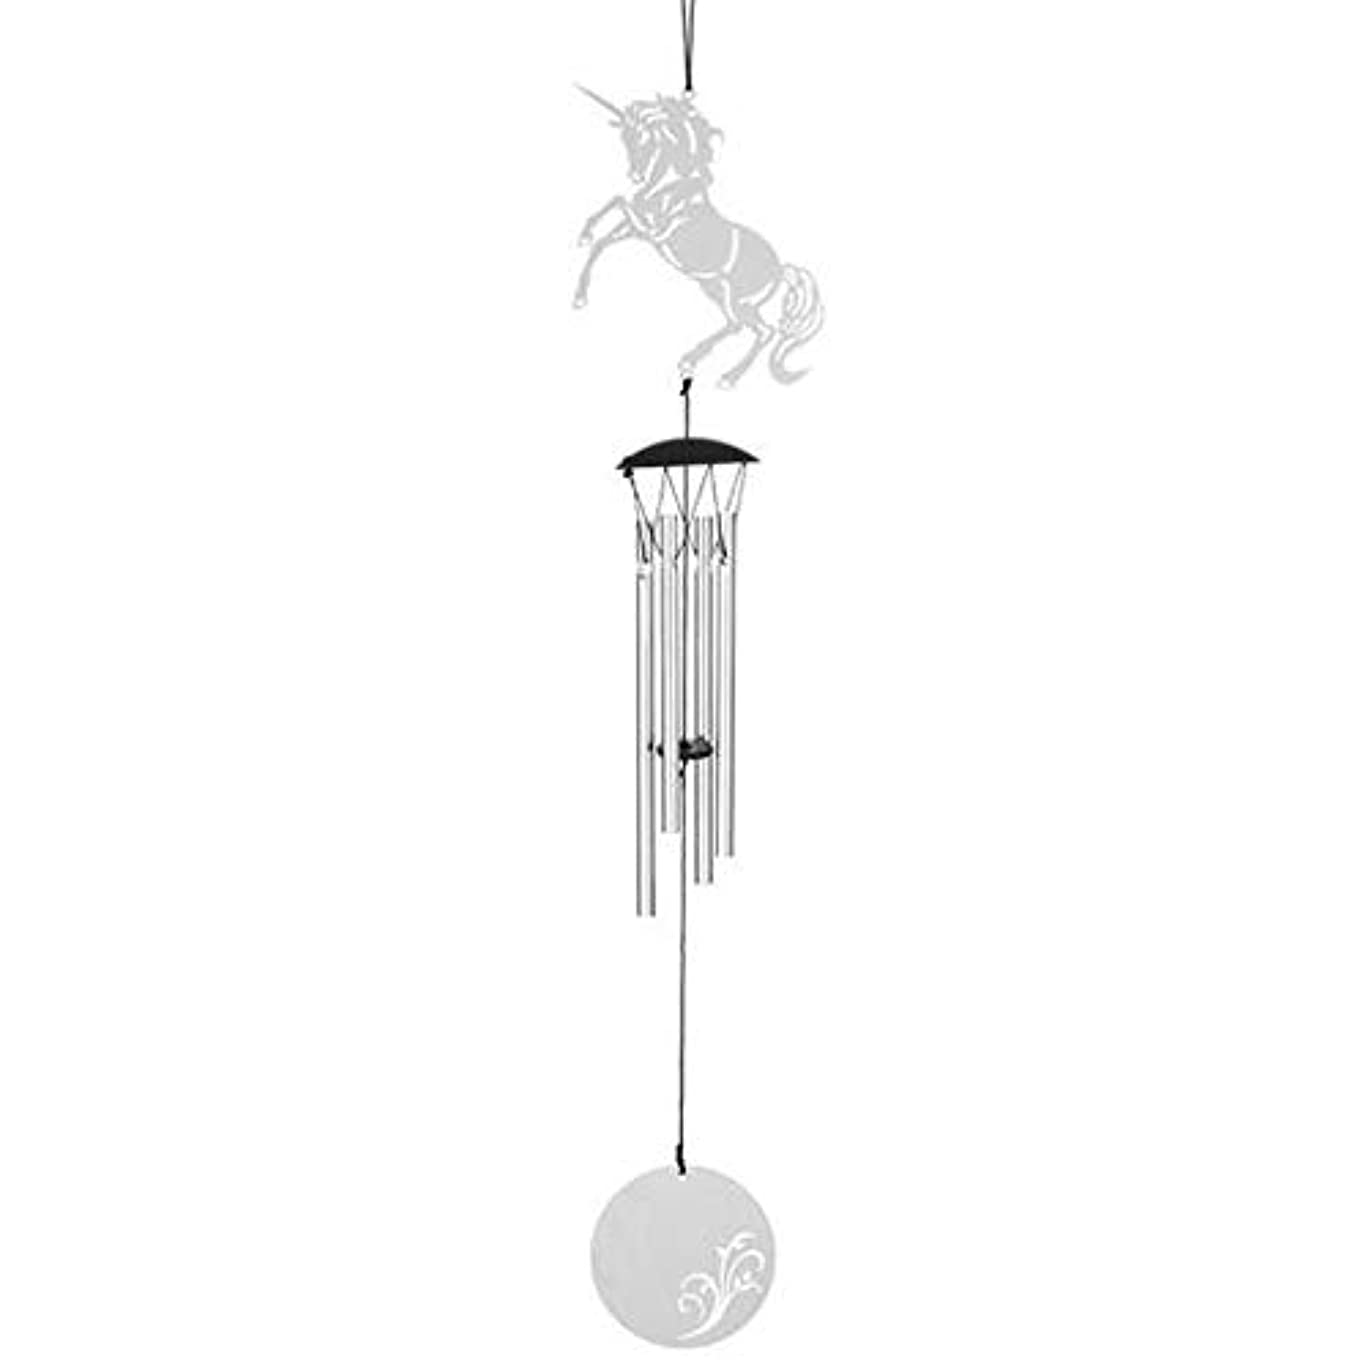 どちらか剪断危険Aishanghuayi 風チャイム、メタルクリエイティブ4チューブ風の鐘、シルバー、47.5CMについて全長,ファッションオーナメント (Color : B)